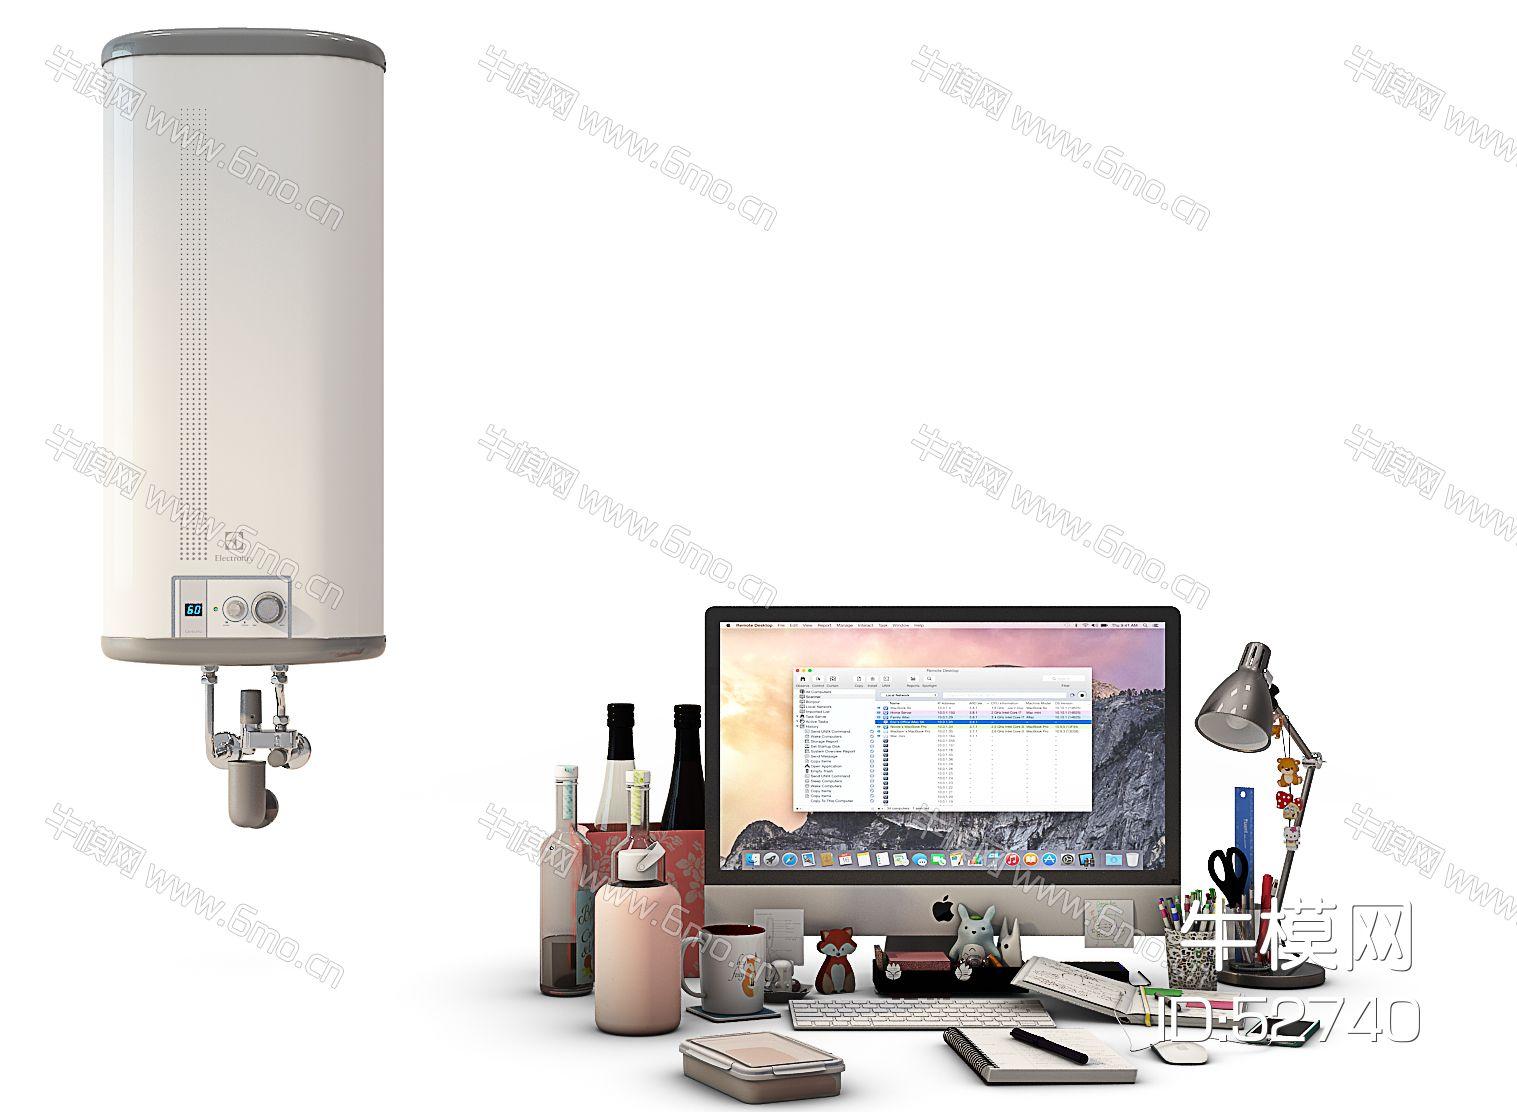 热水器苹果电脑摆件